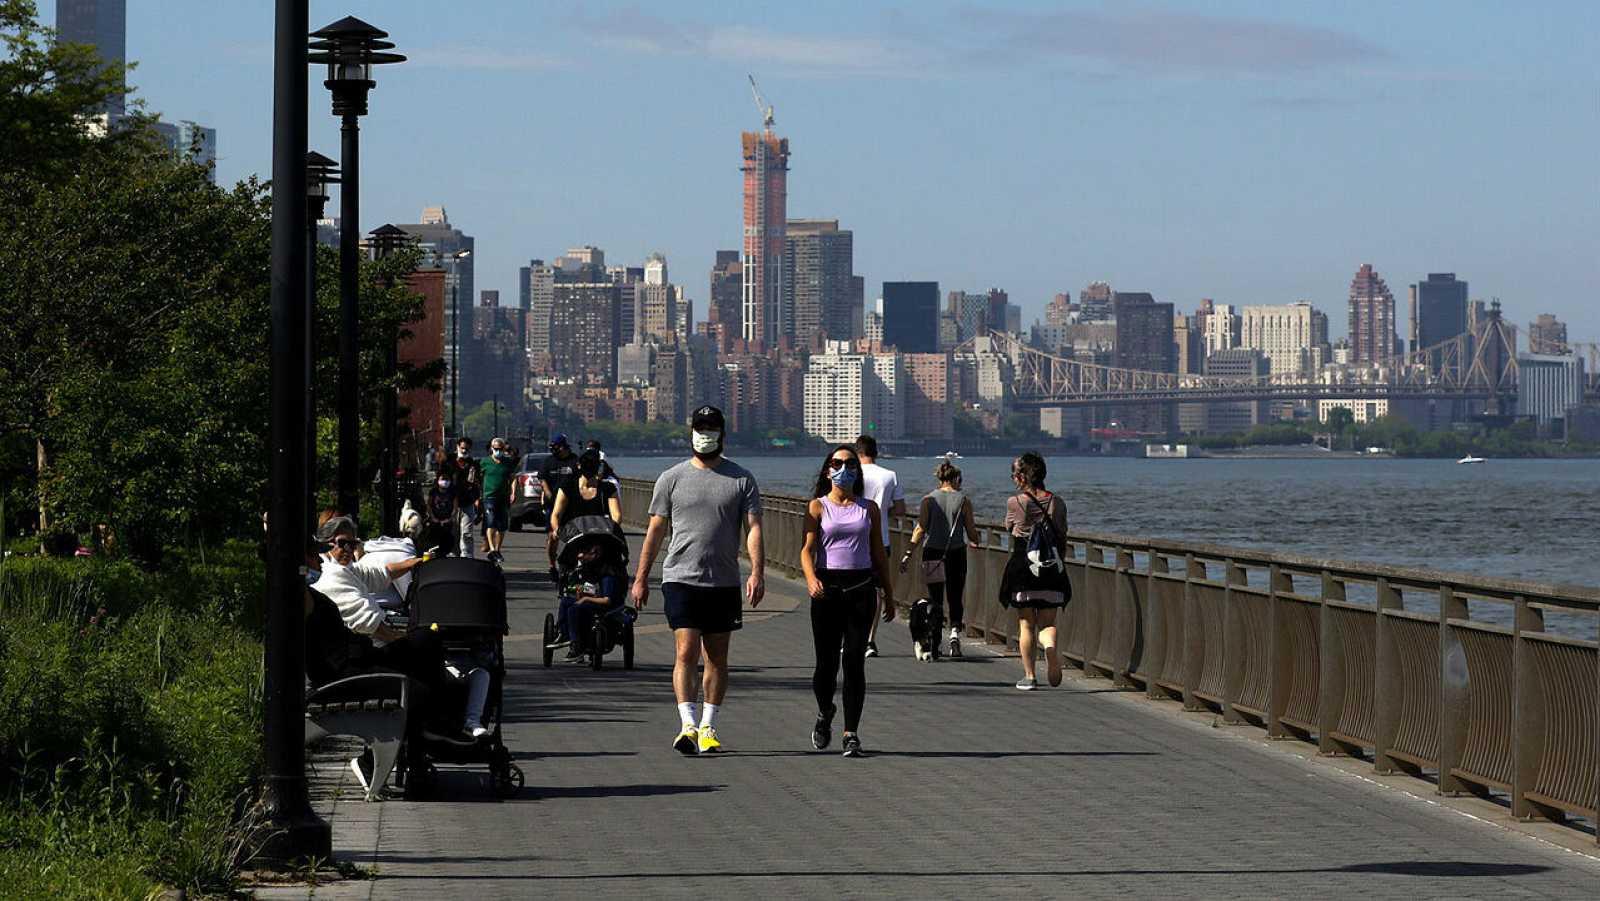 Personas caminando a lo largo del East River en el Día de los Caídos en Nueva York, Nueva York, EE. UU.